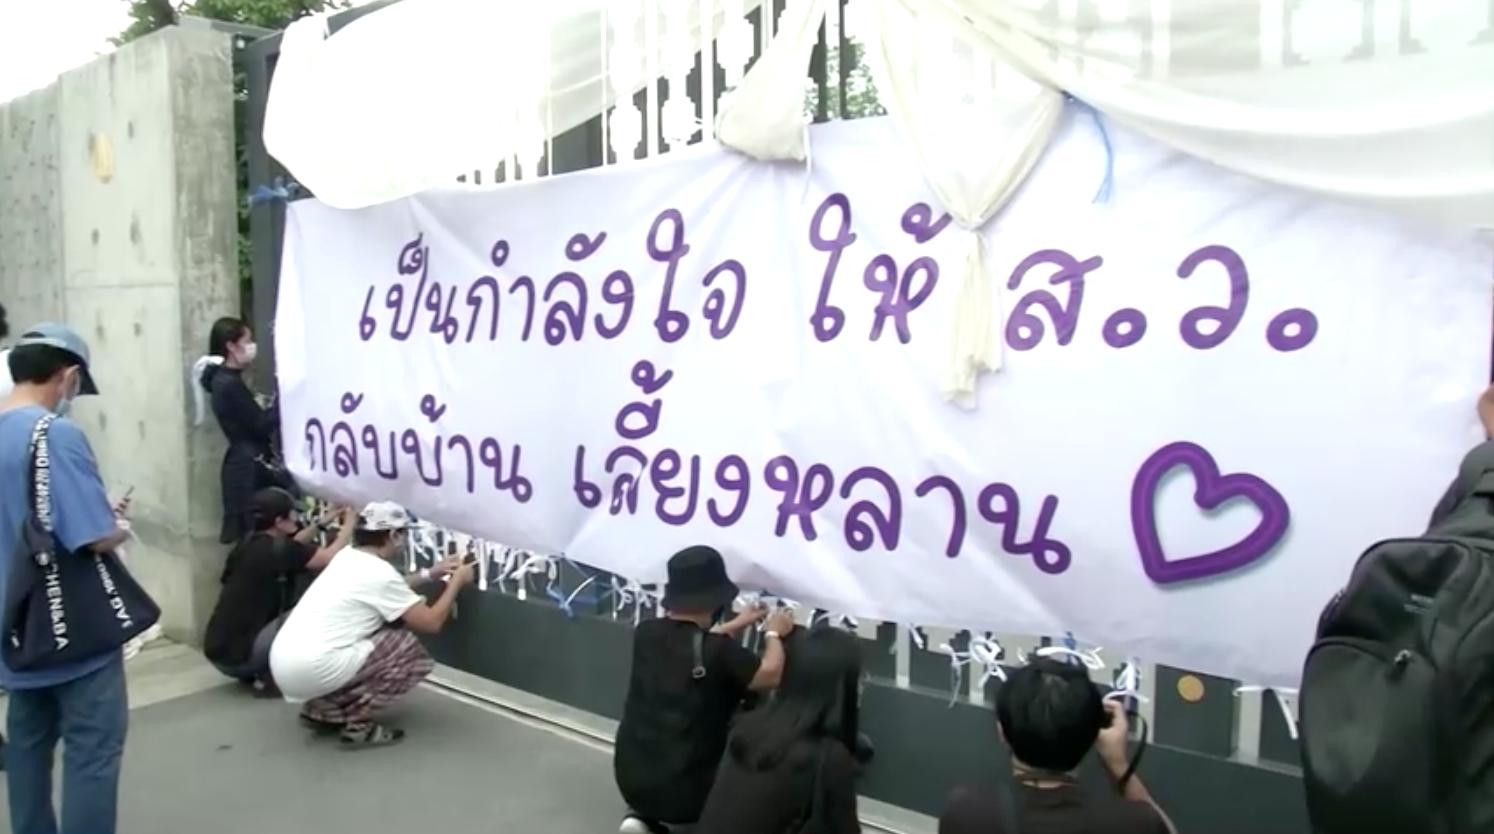 Cuộc bỏ phiếu thay đổi hiến pháp tại Thái Lan bị trì hoãn, những người biểu tình phẫn nộ.